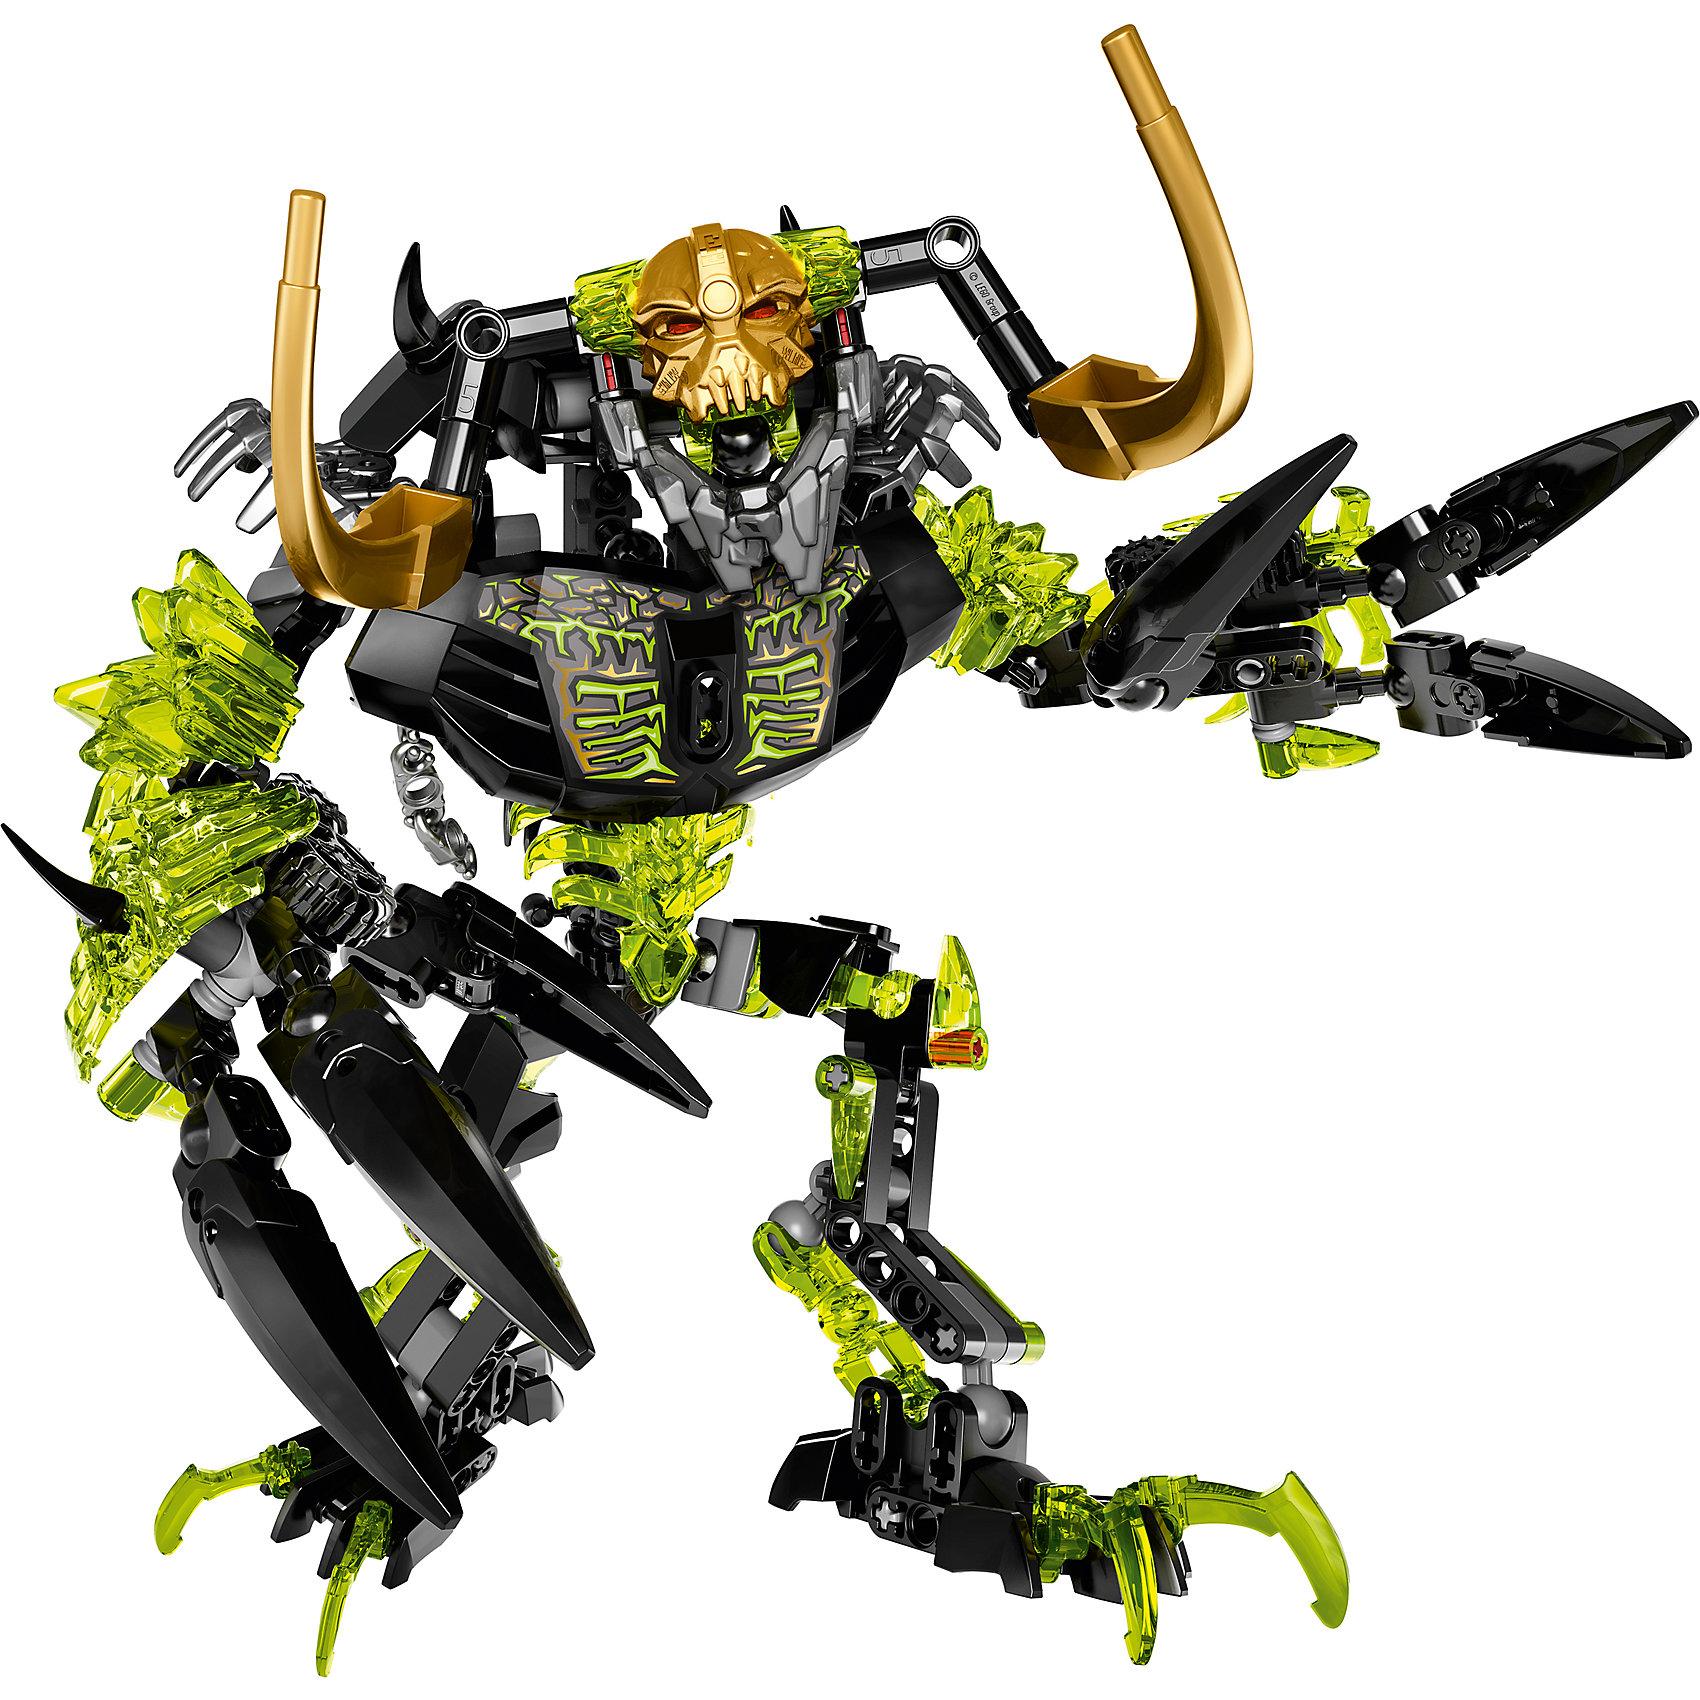 LEGO BIONICLE 71316: Умарак-РазрушительЗахваченный Маской контроля, Умарак-разрушитель теперь призывает стихийных монстров на борьбу с героями LEGO Bionicle. Обнажи когти, чтобы схватить врагов и сокрушить их! Эти древние существа будут уничтожать и разрушать всё на своём пути!<br><br>LEGO Bionicle (Лего Биониклы) - это нереальный фантастический мир, со своими правилами, приключениями и традициями! Герои сражаются с мутантами Барраками, с многотысячной армией механических созданий Бороков, и самыми опасными и беспощадными убийцами Пираками. Отправляйся на встречу с приключениями и подвигами вместе с легендарными LEGO Bionicle!<br><br>Дополнительная информация:<br><br>- Конструкторы ЛЕГО развивают усидчивость, внимание, фантазию и мелкую моторику. <br>- Количество деталей: 191. <br>- Подвижные конечности.<br>- Серия ЛЕГО Биониклы (LEGO Bionicle).<br>- Материал: пластик.<br>- Размер упаковки: 23,6х5,6х25 см.<br>- Вес: 0.395 кг.<br><br>Конструктор LEGO Bionicle 71316: Умарак-Разрушитель можно купить в нашем магазине.<br><br>Ширина мм: 254<br>Глубина мм: 238<br>Высота мм: 60<br>Вес г: 392<br>Возраст от месяцев: 96<br>Возраст до месяцев: 168<br>Пол: Мужской<br>Возраст: Детский<br>SKU: 4641267